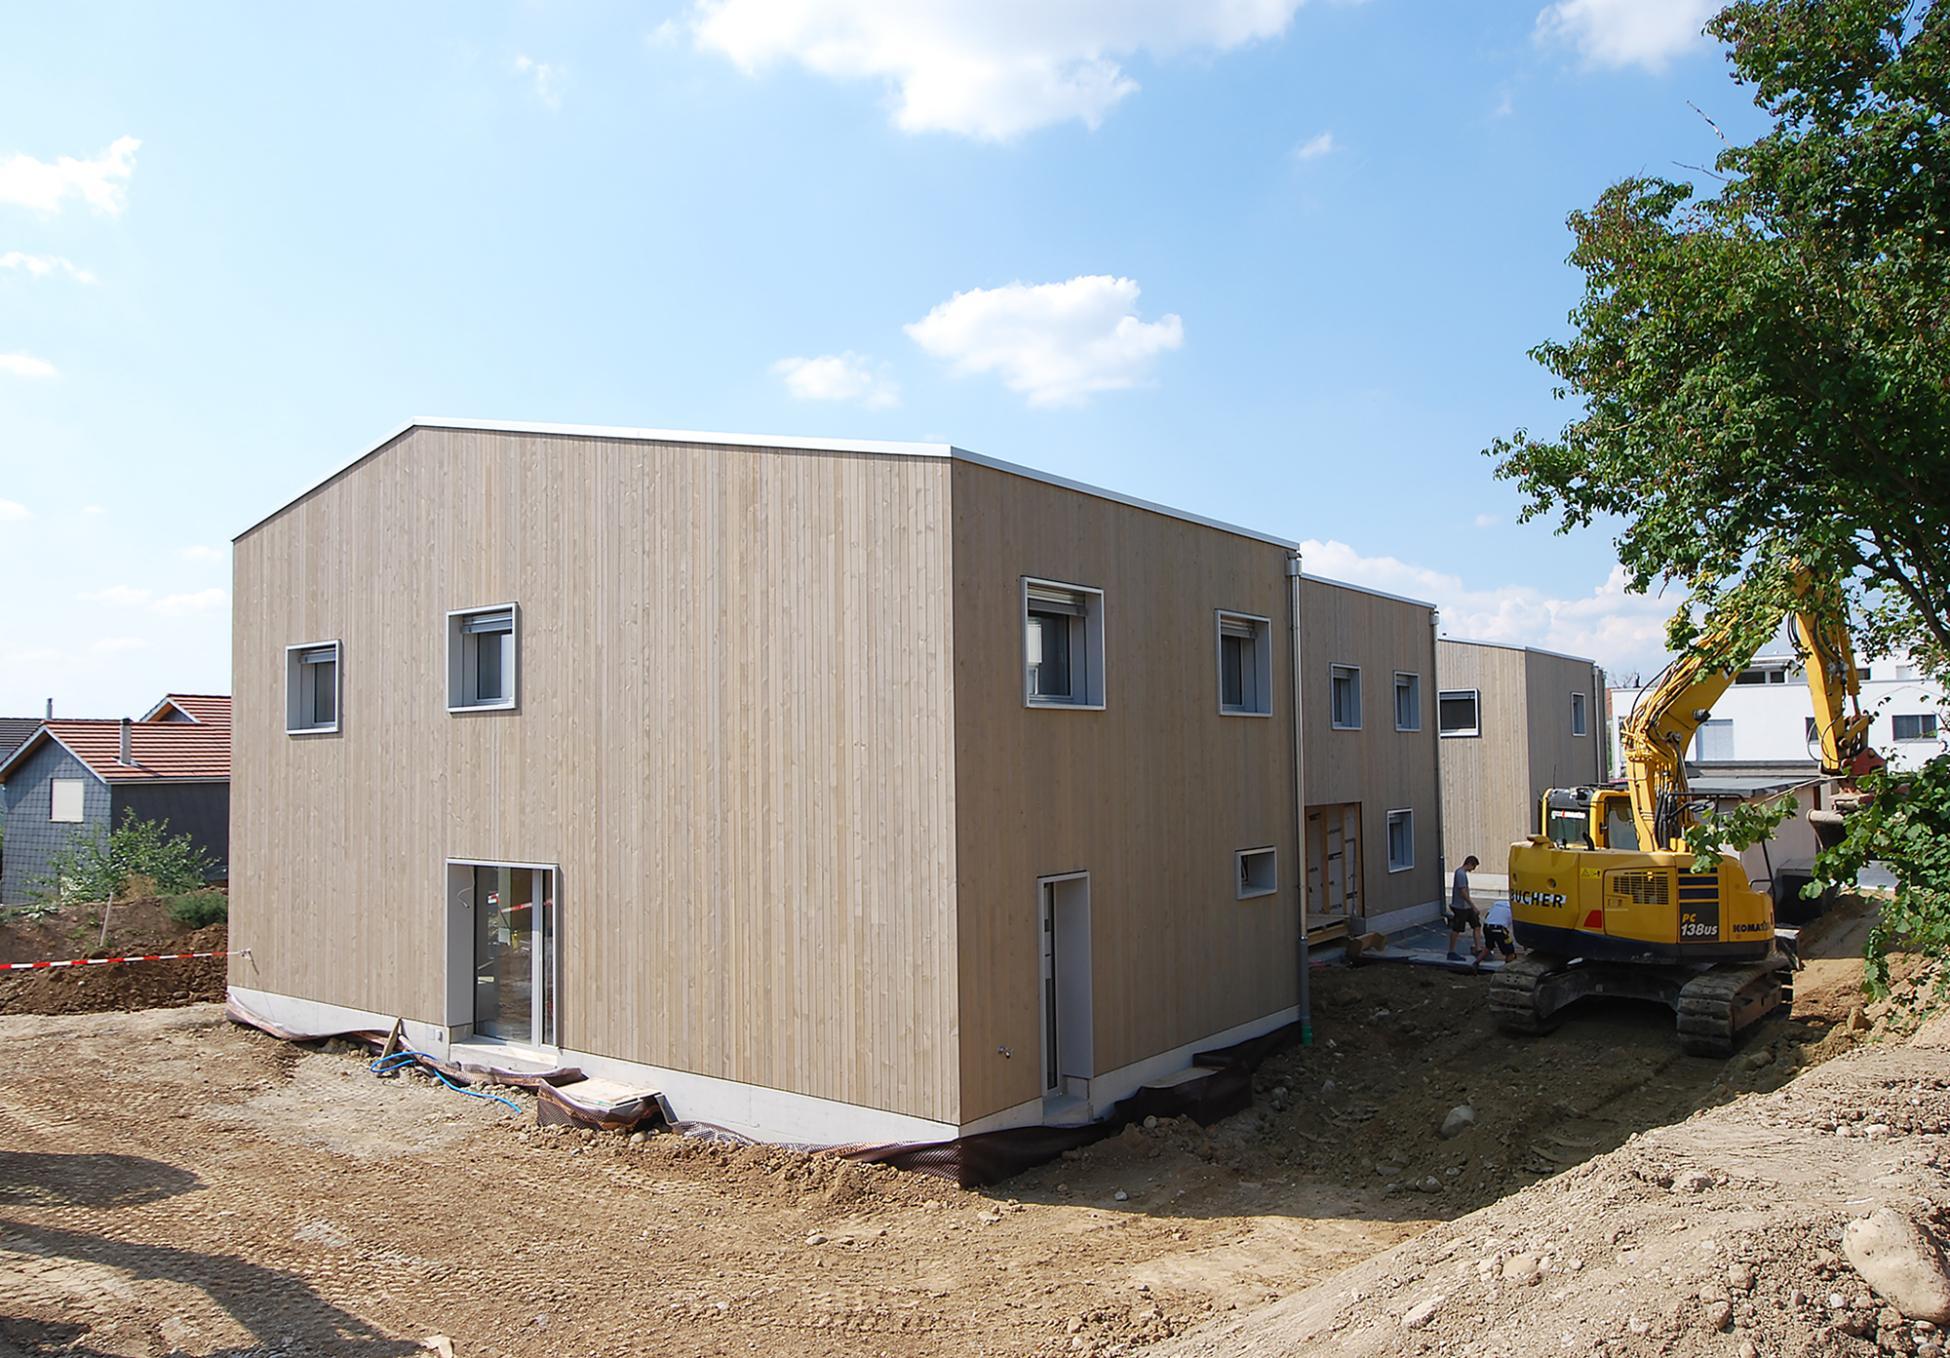 6 Reiheneinfamilienhäuser Visavie in Sarmenstorf mit vorvergrauter Holzfassade